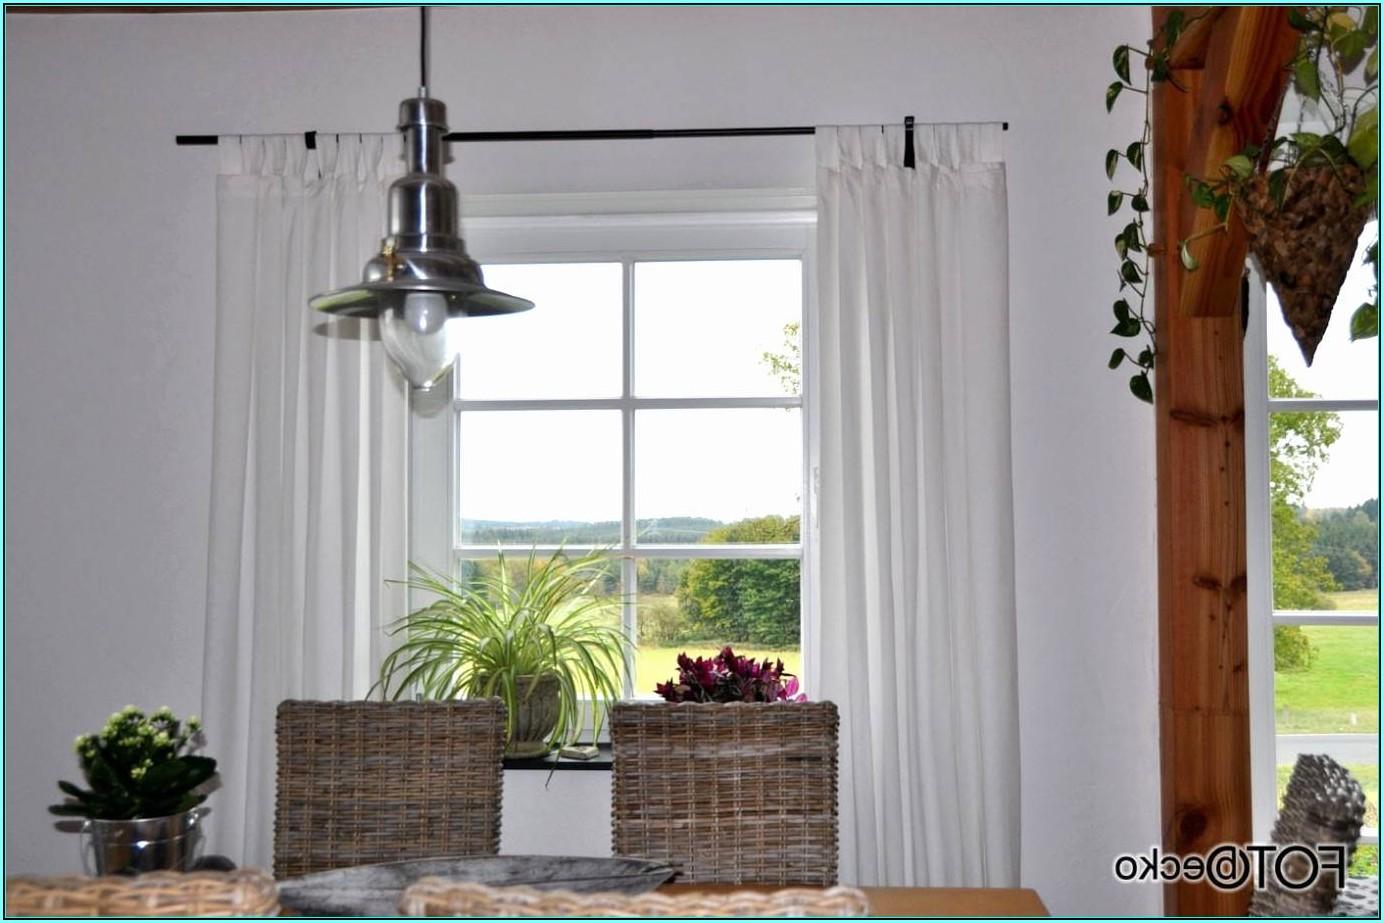 Schiebevorhänge Wohnzimmer Ideen